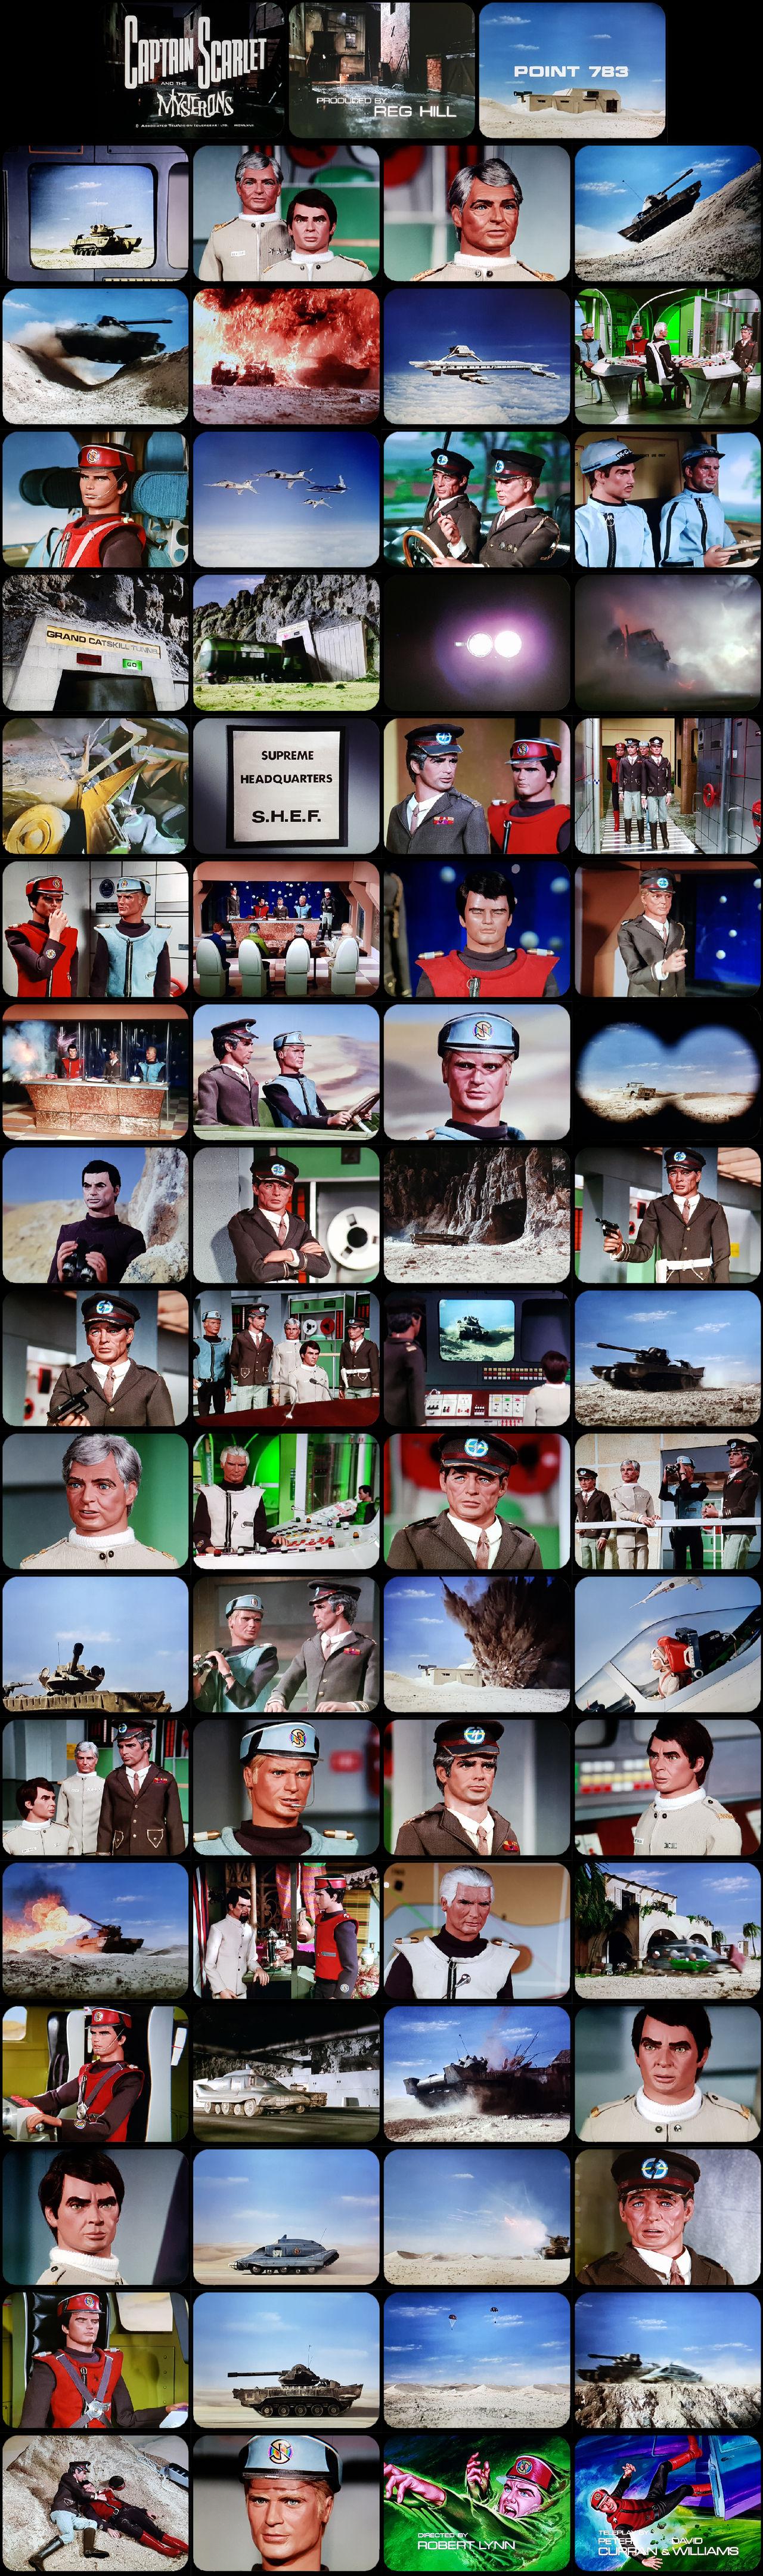 Captain Scarlet Episode 4 Tele-snaps